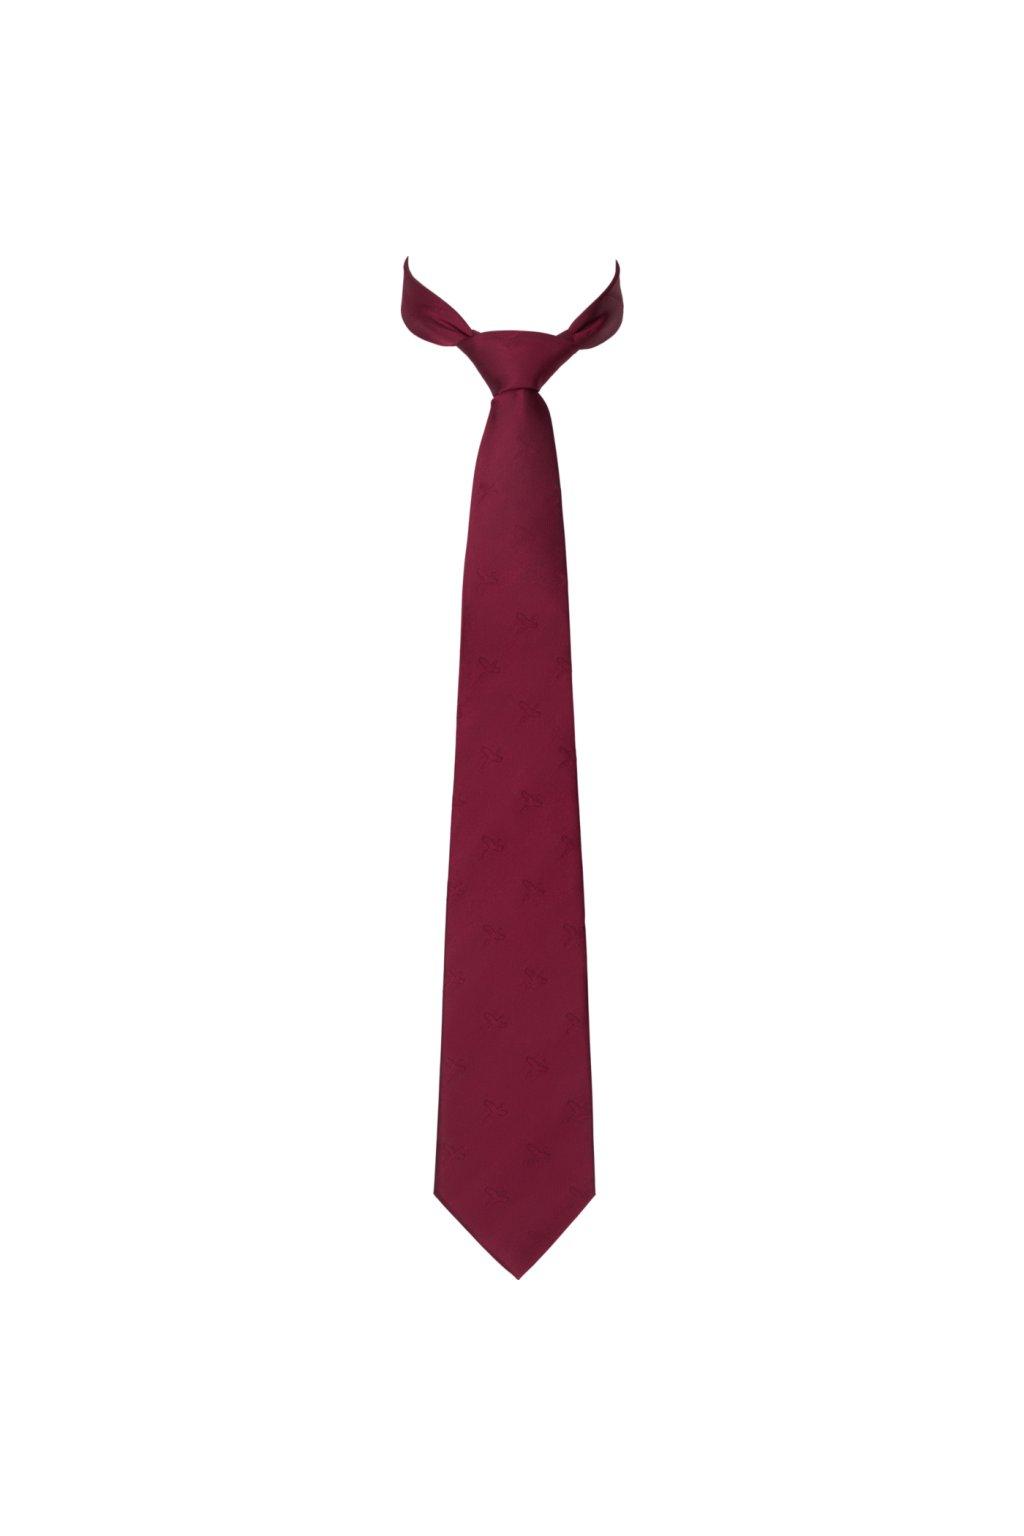 Harkila - Retrieve Pheasant kravata Burgundy